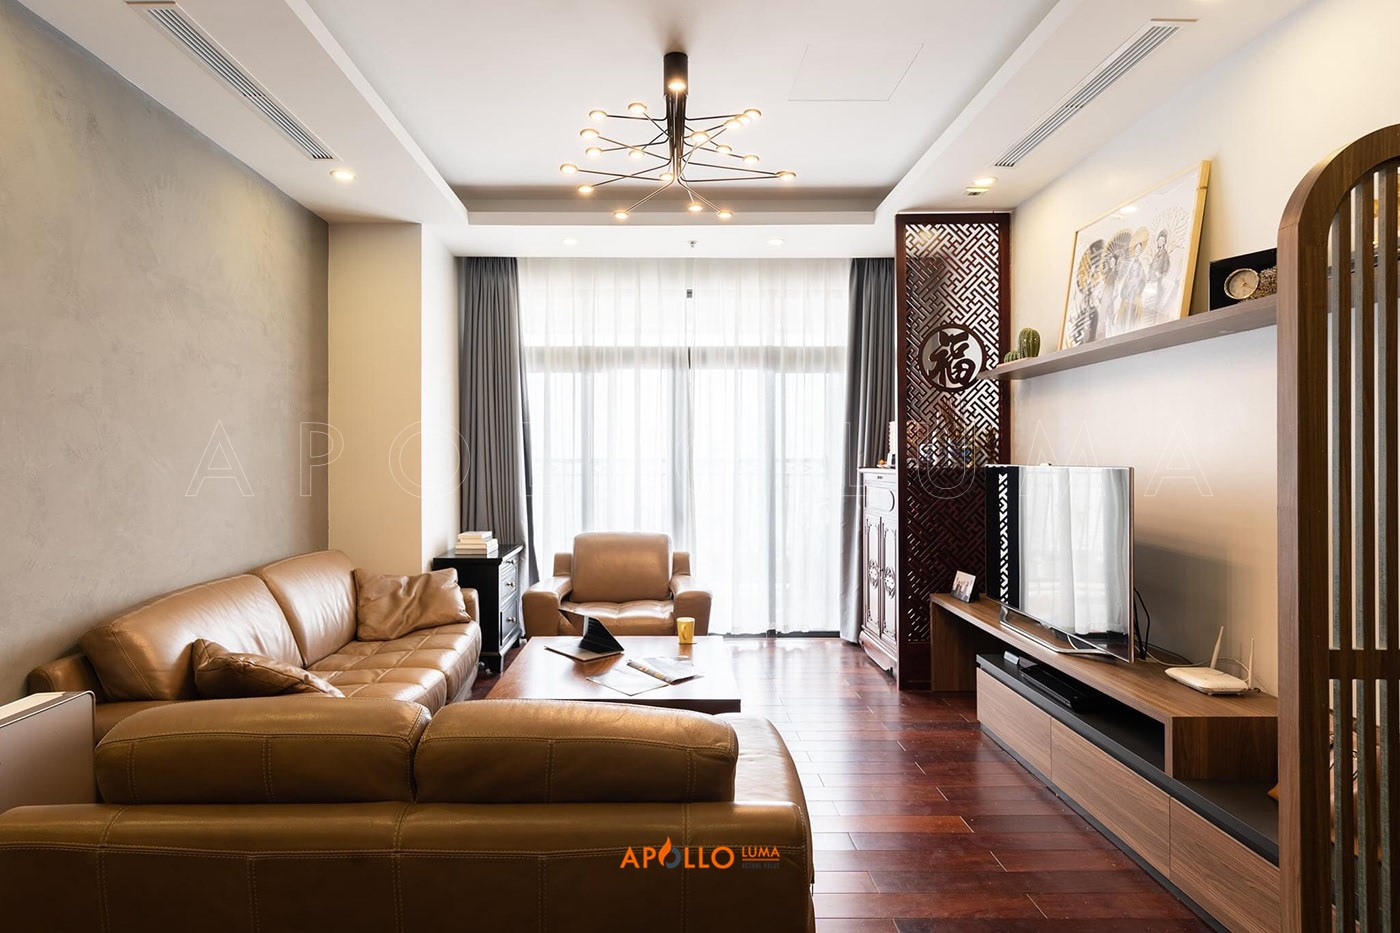 Hình ảnh thực tế nội thất căn hộ 2PN (114m2) R2-07 Royal City